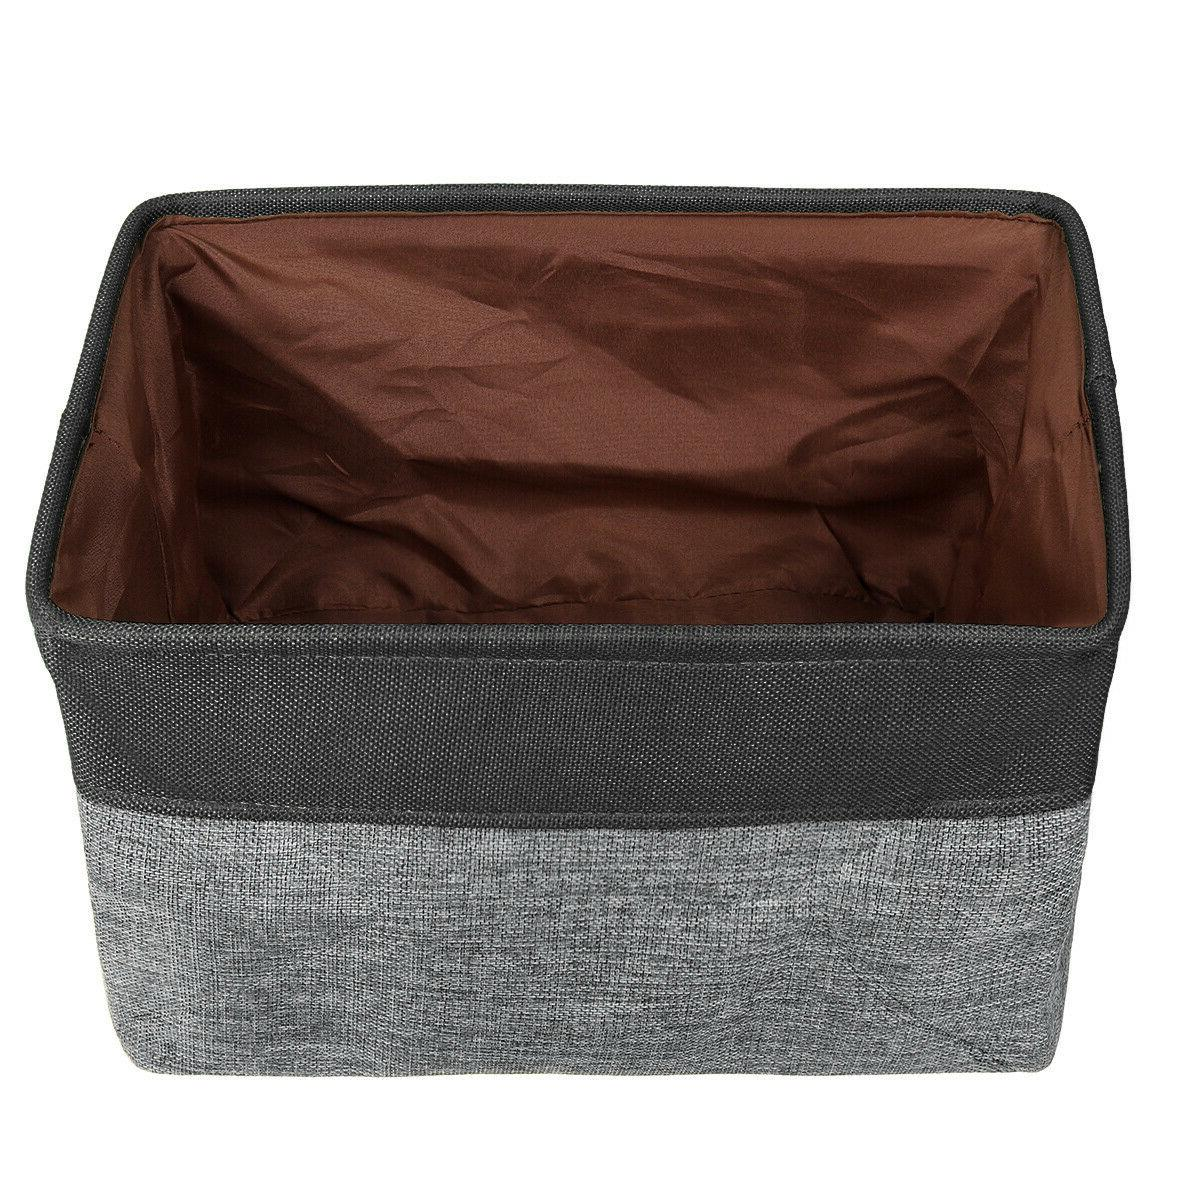 Foldable Washing Basket Hamper Bag Gery